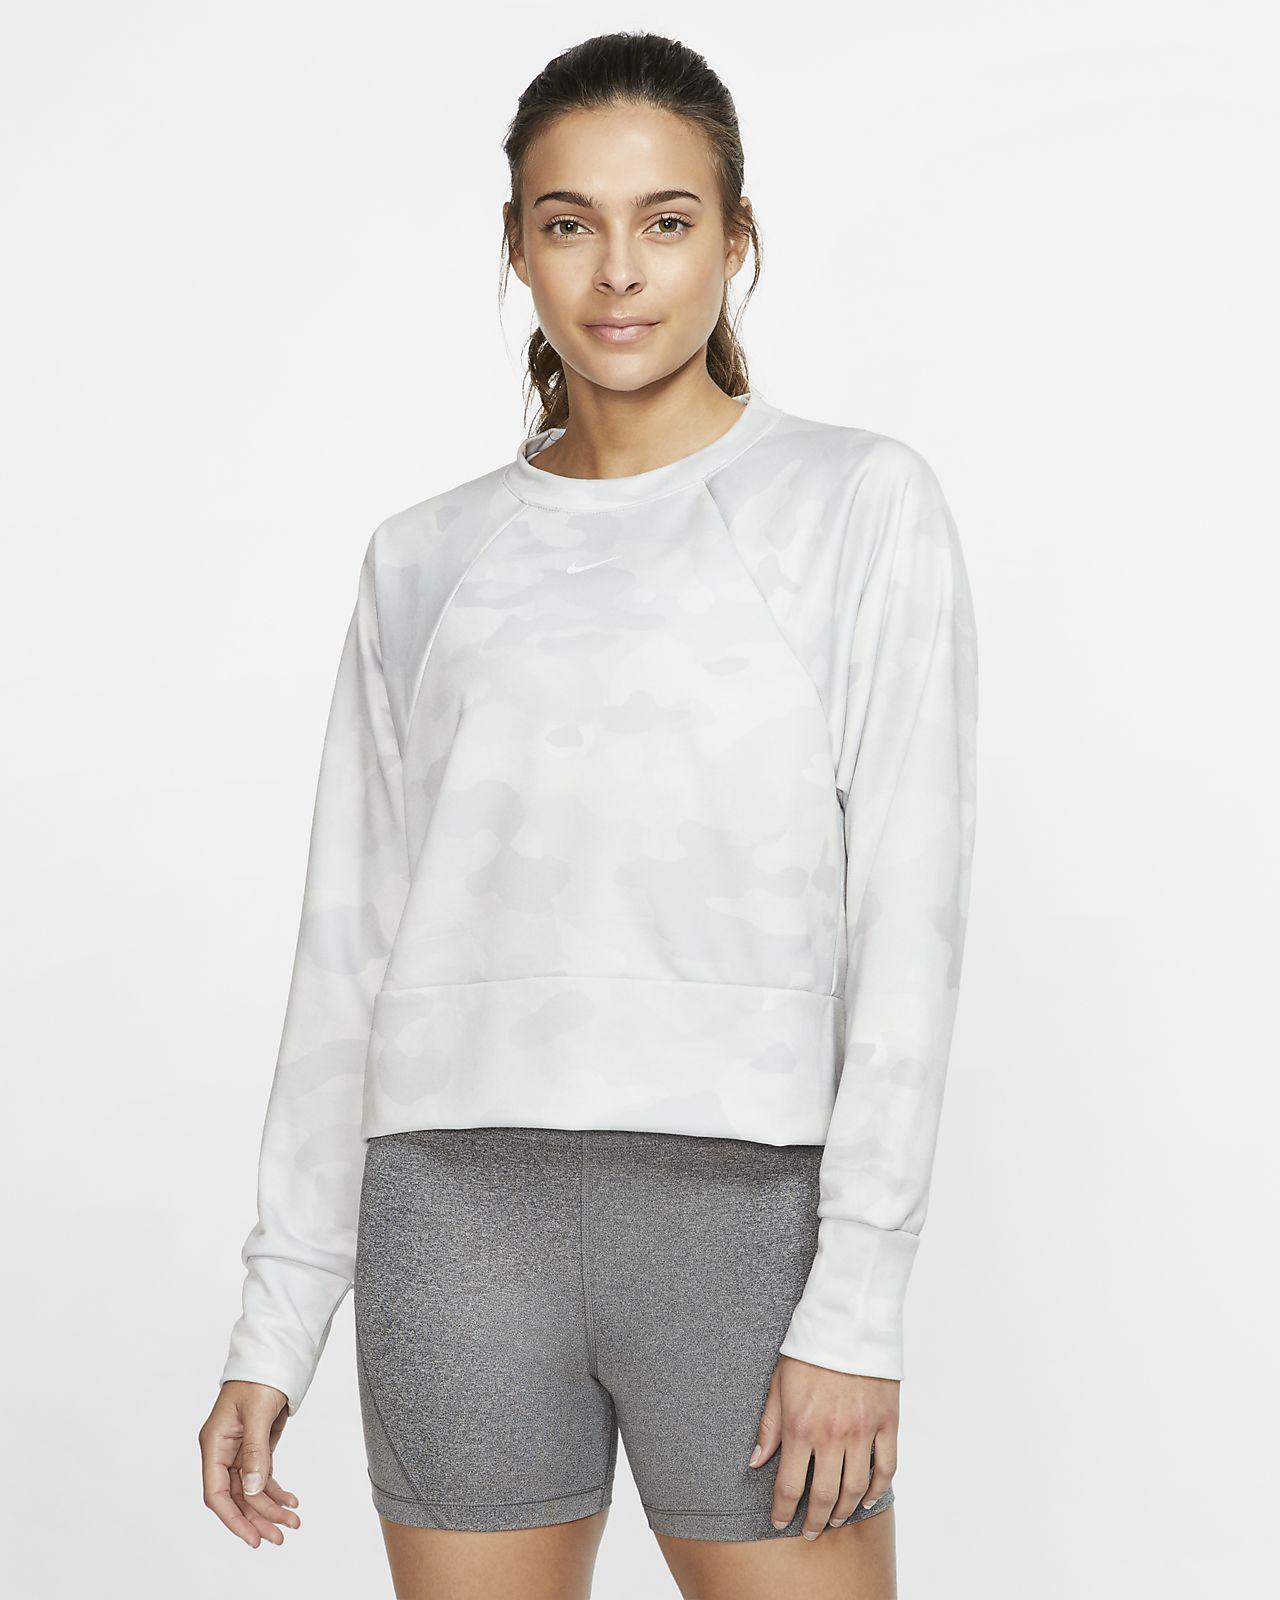 Γυναικεία φλις μπλούζα προπόνησης με μοτίβο παραλλαγής Nike Dri-FIT